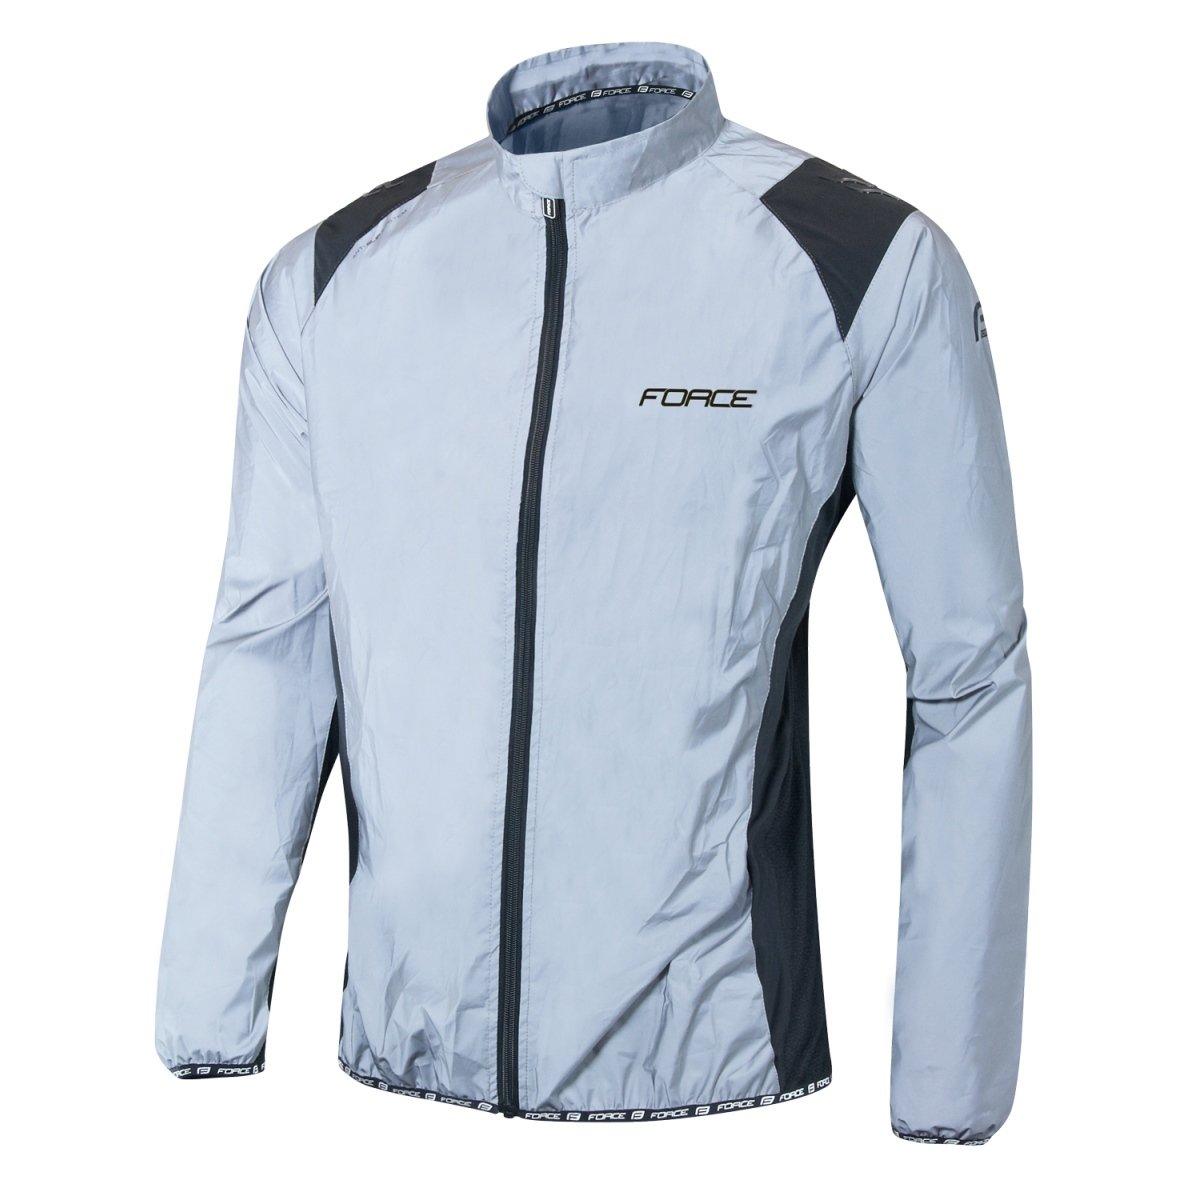 Force Refleks regn jakke | Jakker